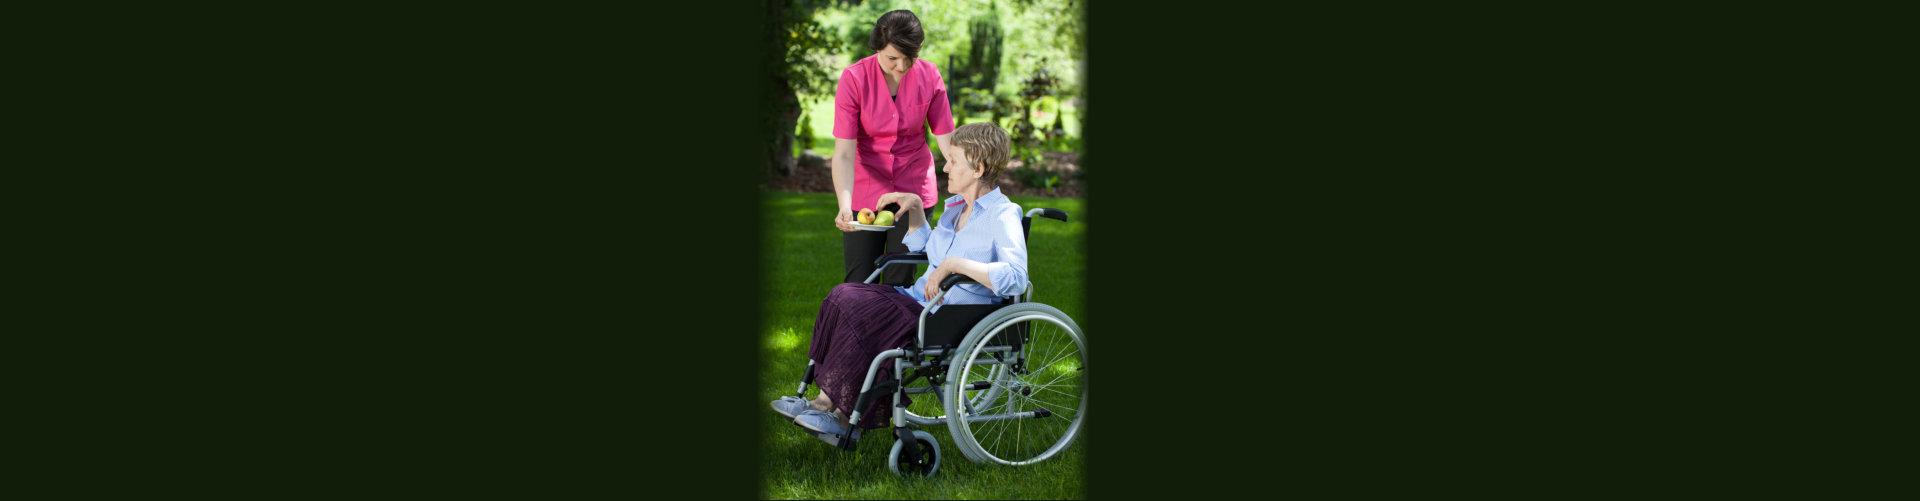 caregiver giving fruits to senior